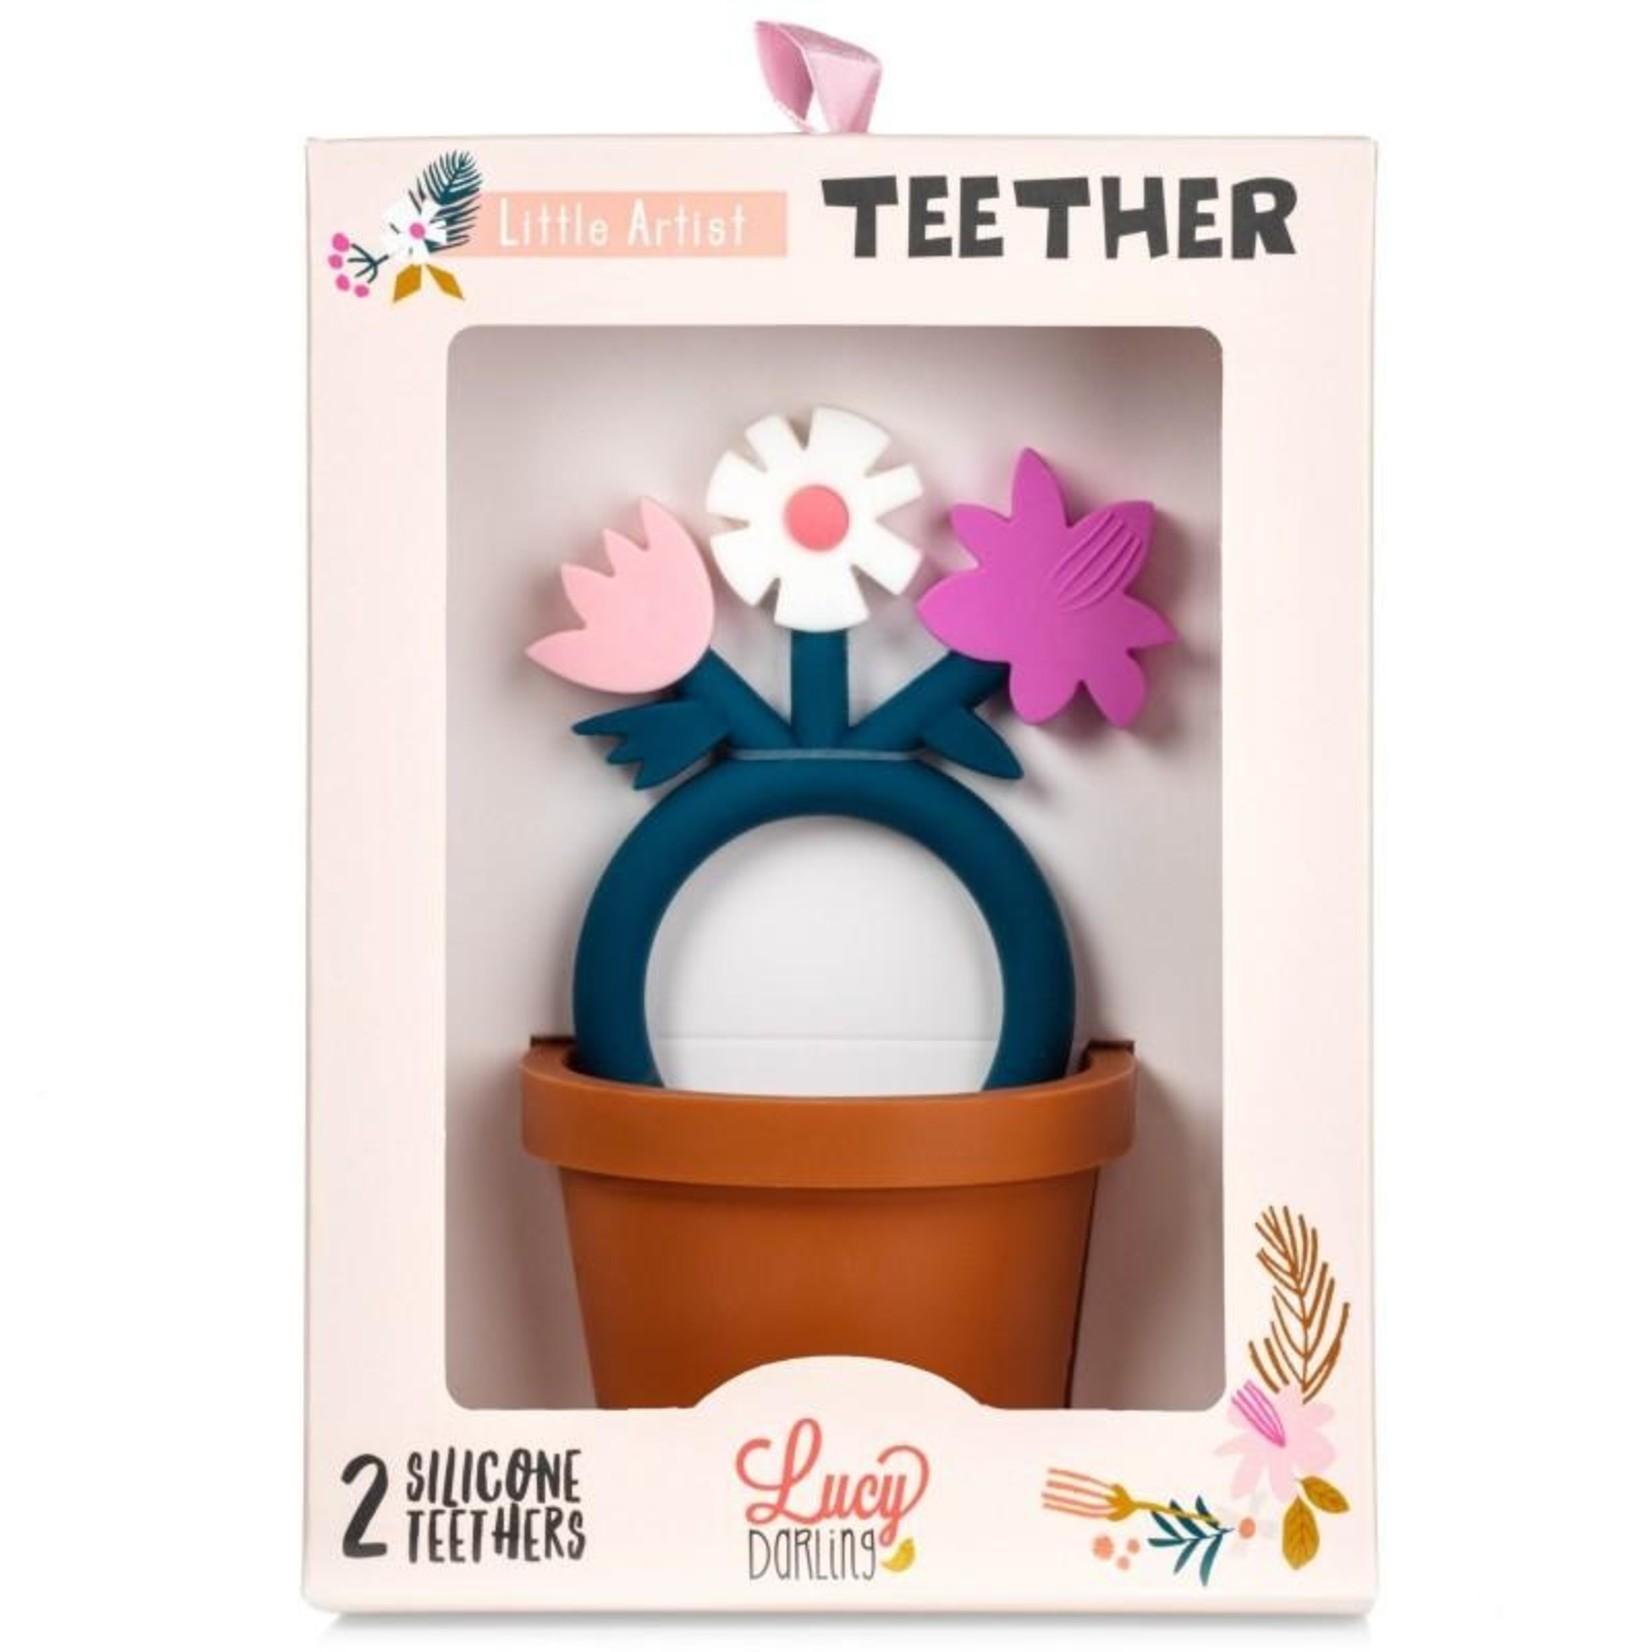 Little Artist Teether Set